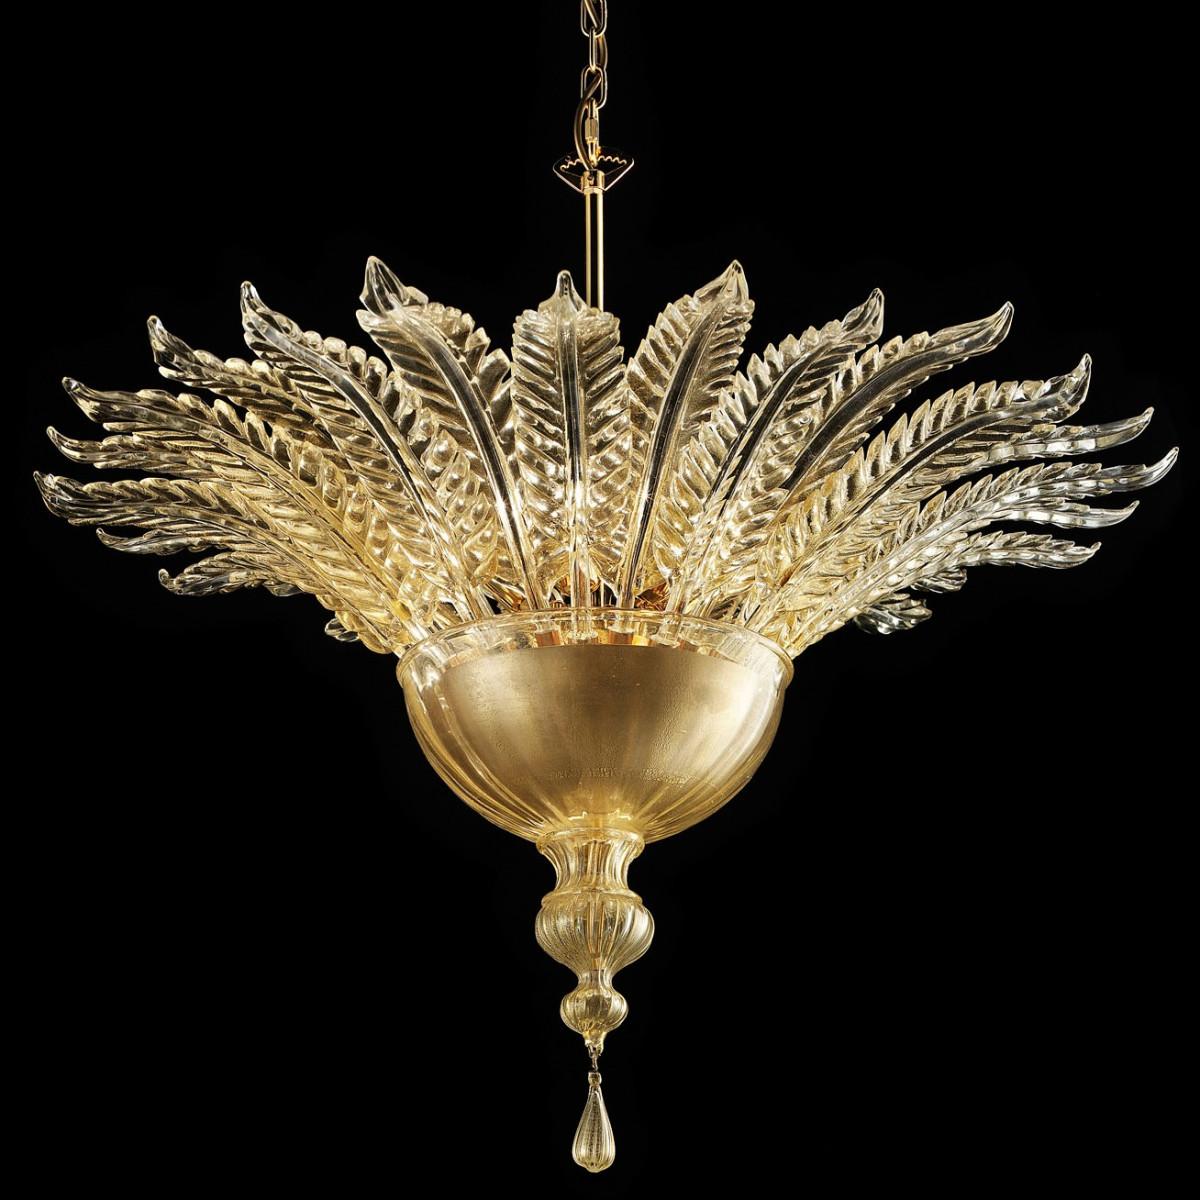 Fantastico Murano glas deckenleuchte - 6 flammig - gold farbe